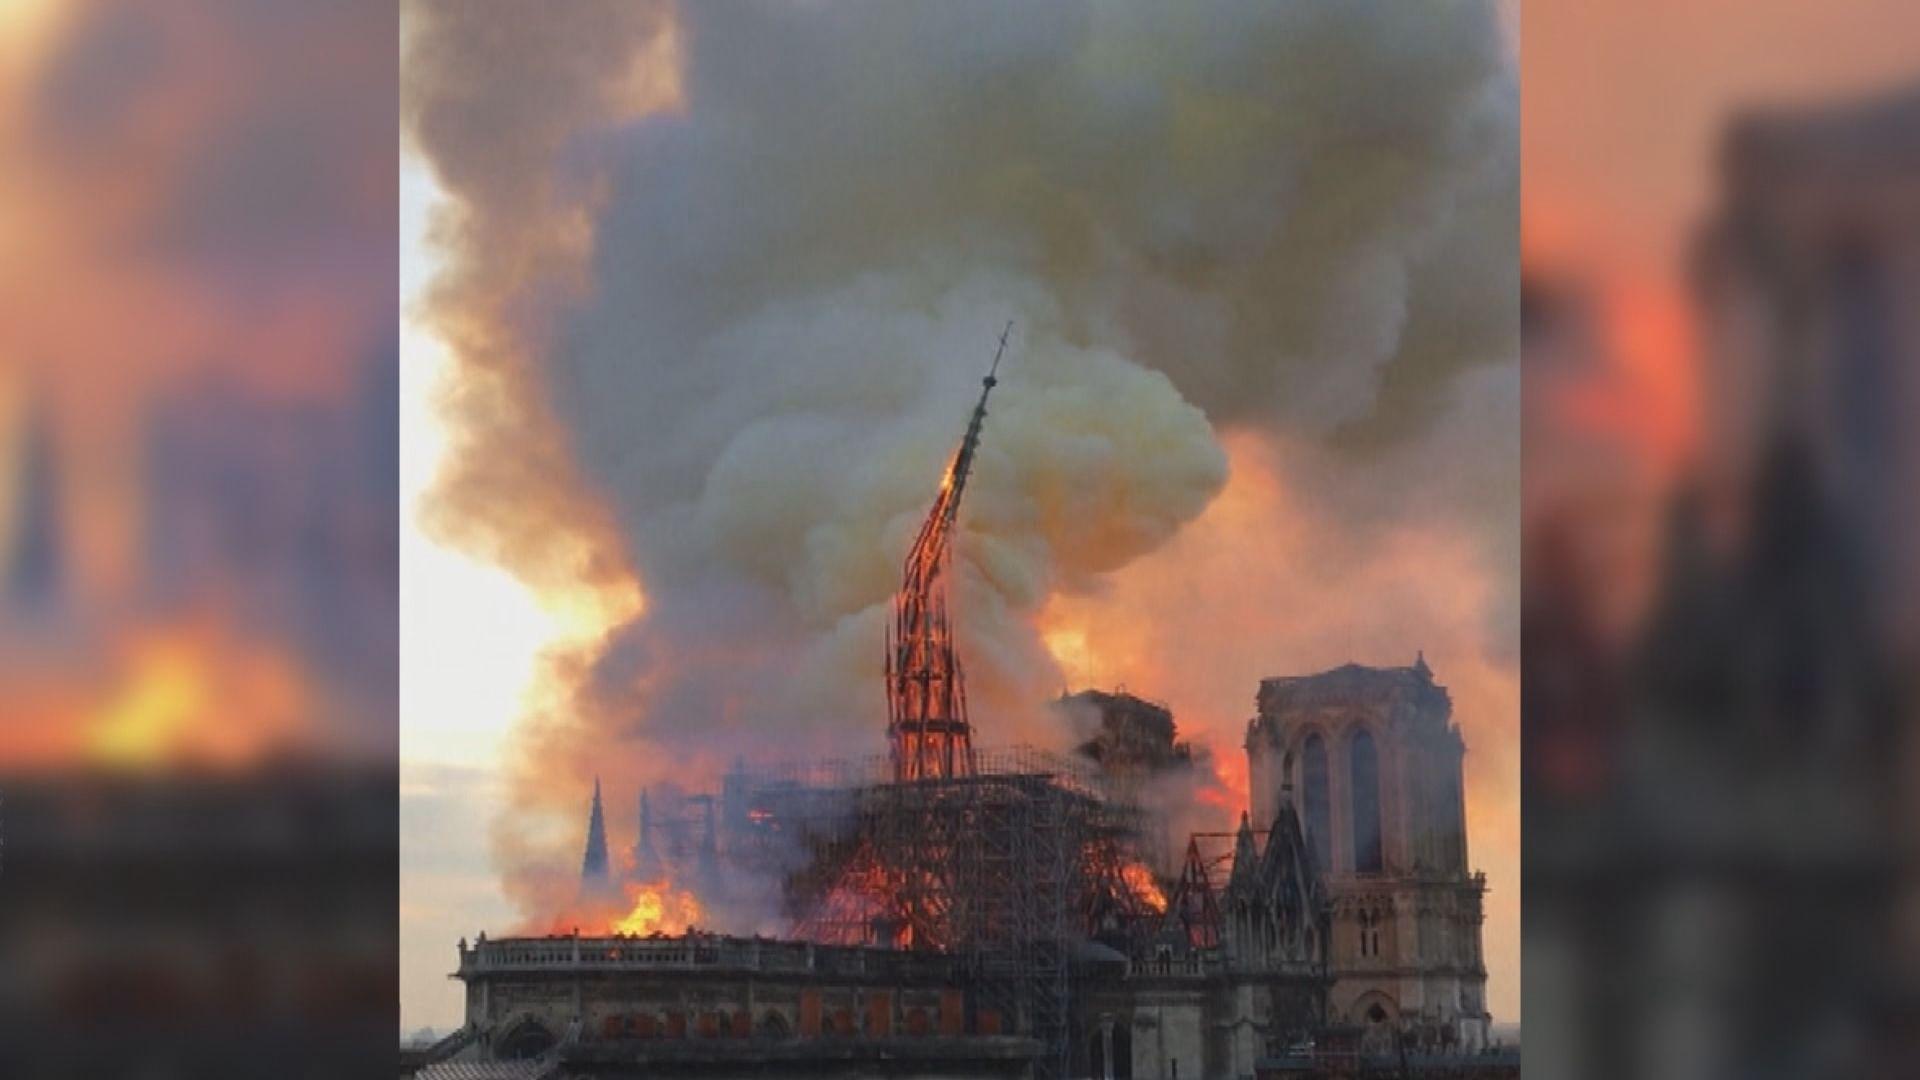 【聖母院大火】教堂尖塔天花倒塌 大部分藏品維修前已移走